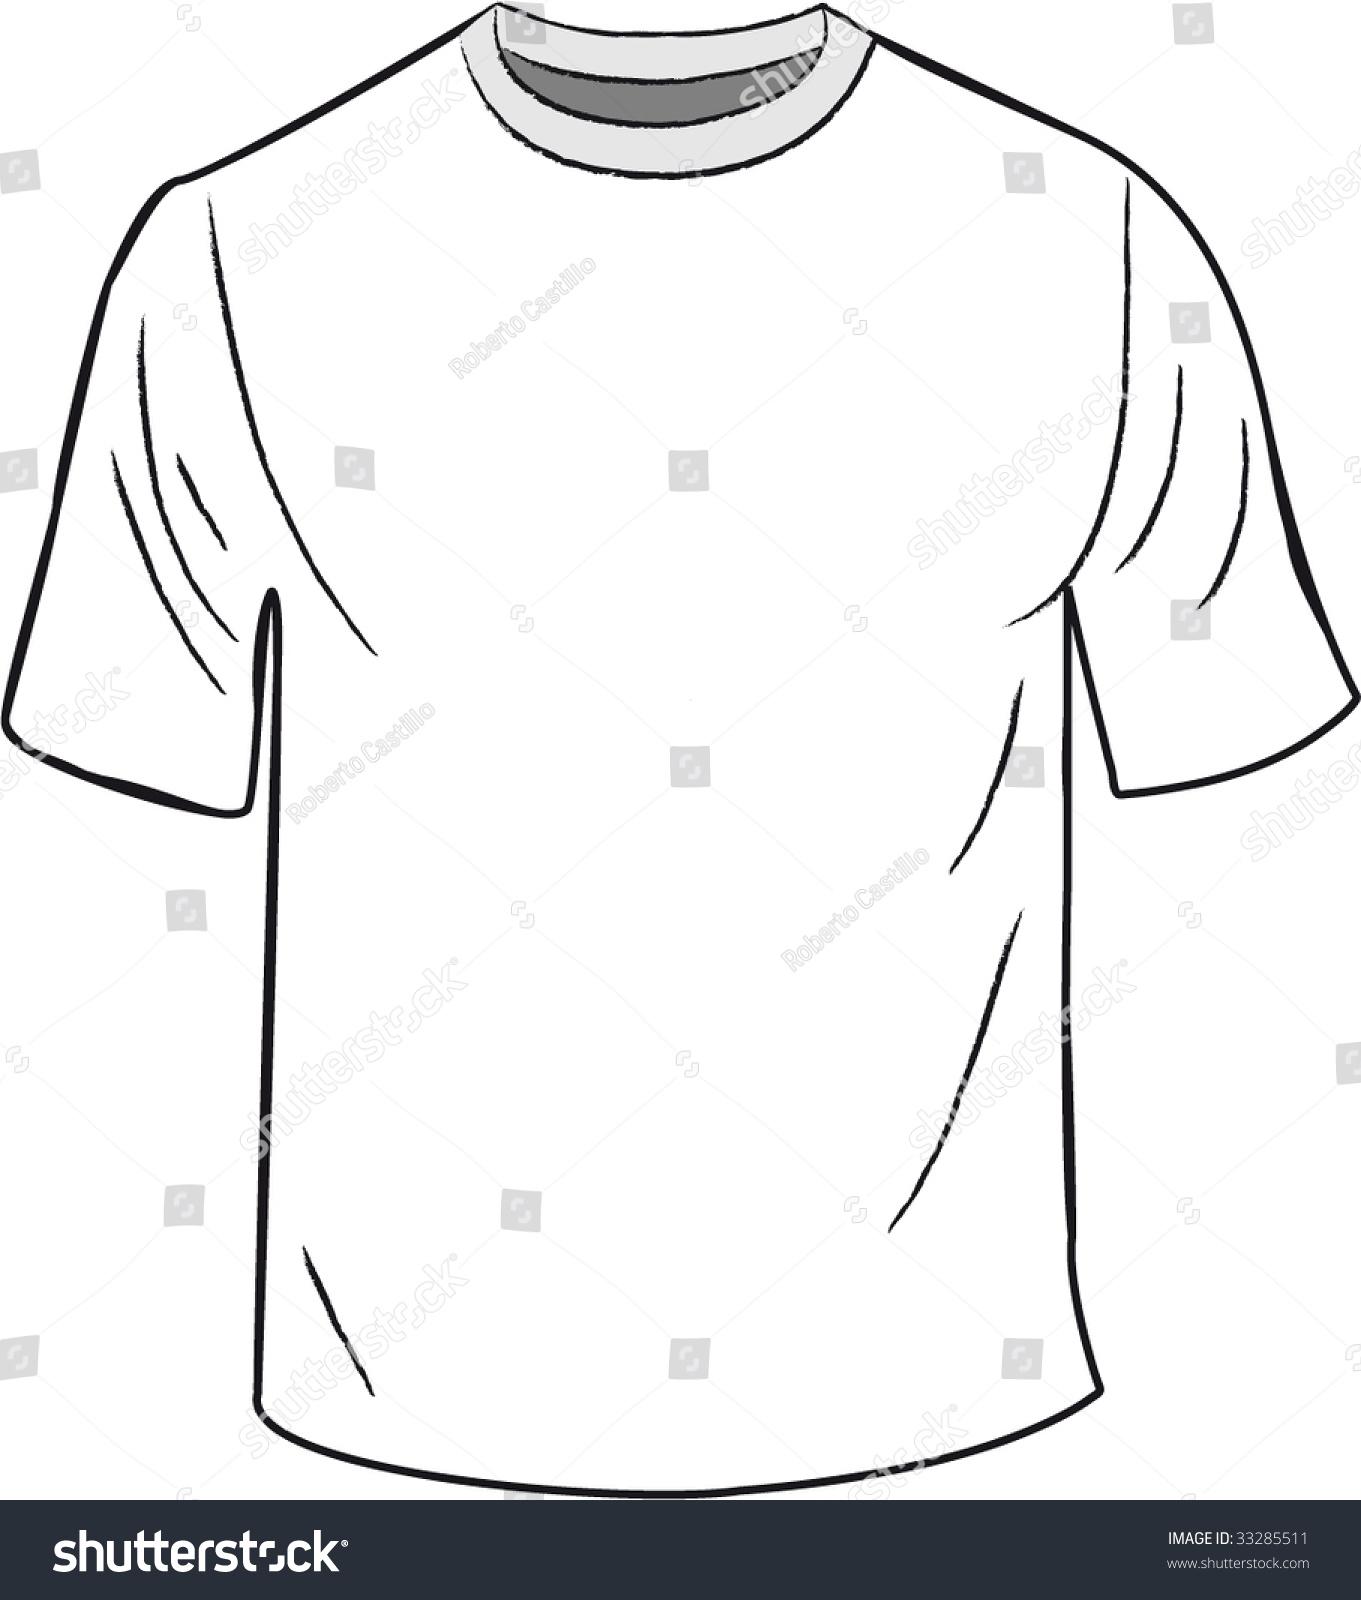 Design t shirt esthetician - White Tshirt Design Template Stock Vector 33285511 Shutterstock